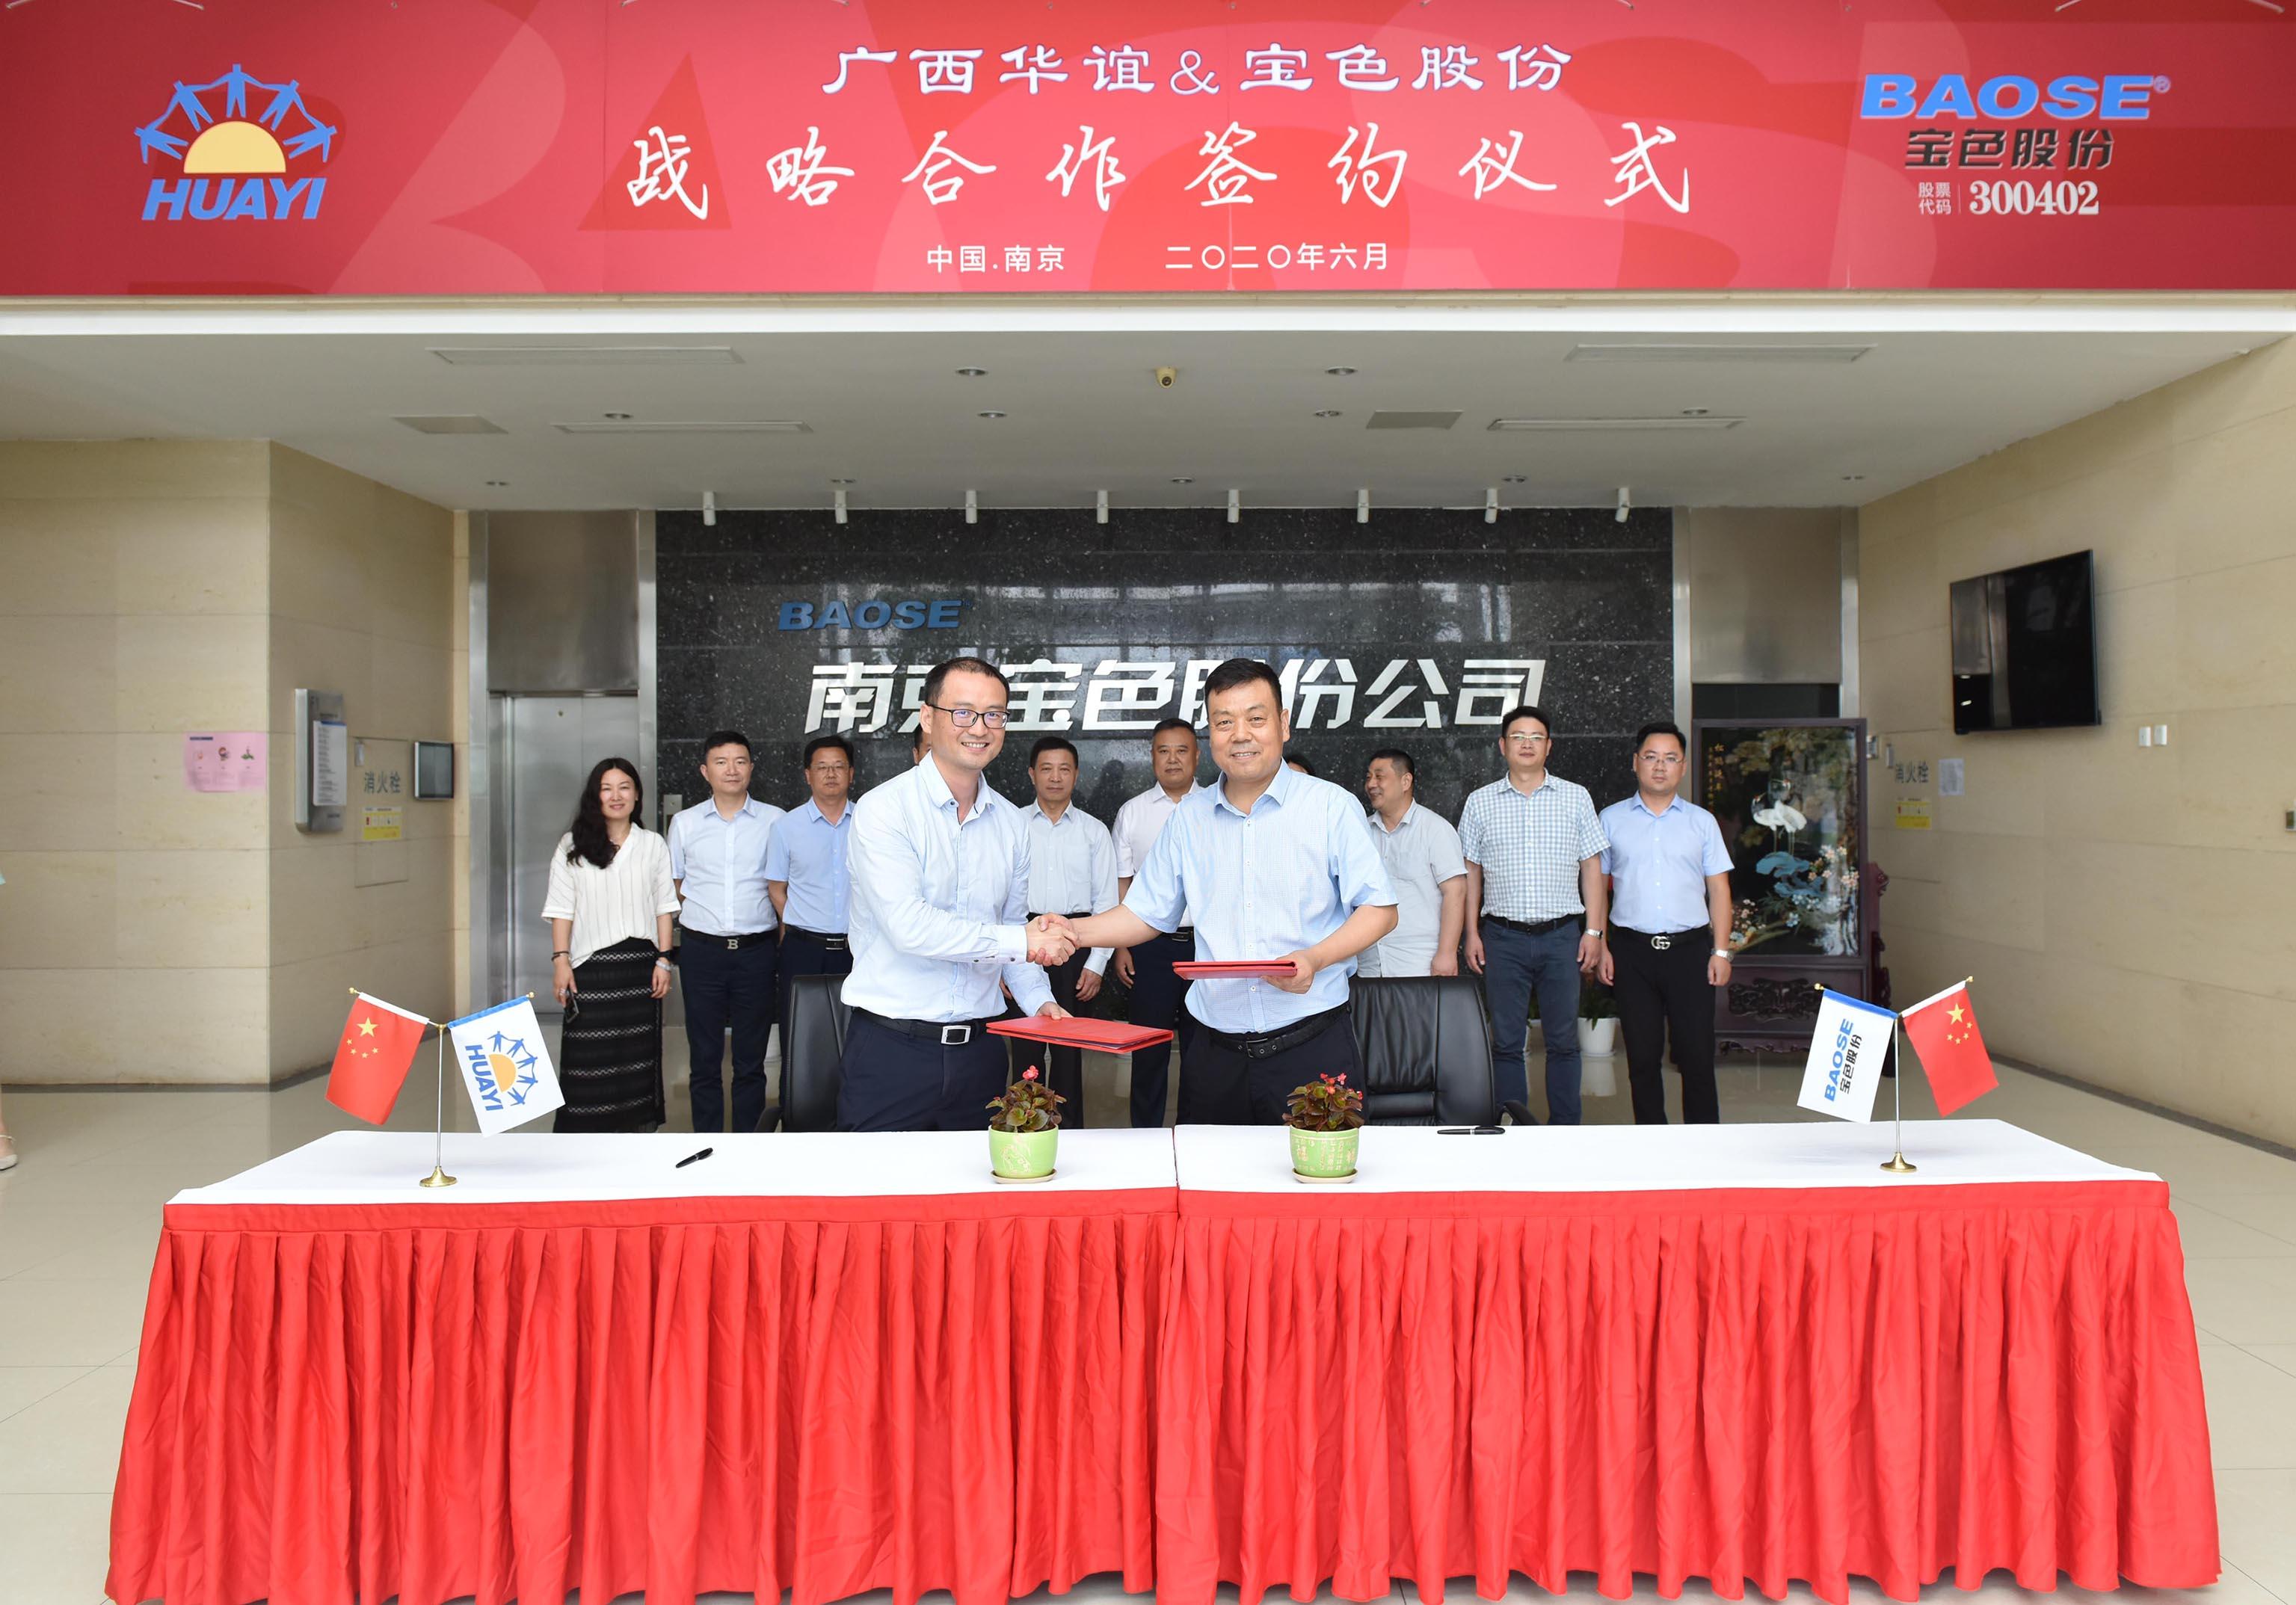 南京宝色股份公司与广西华谊新材料有限公司签订战略合作协议